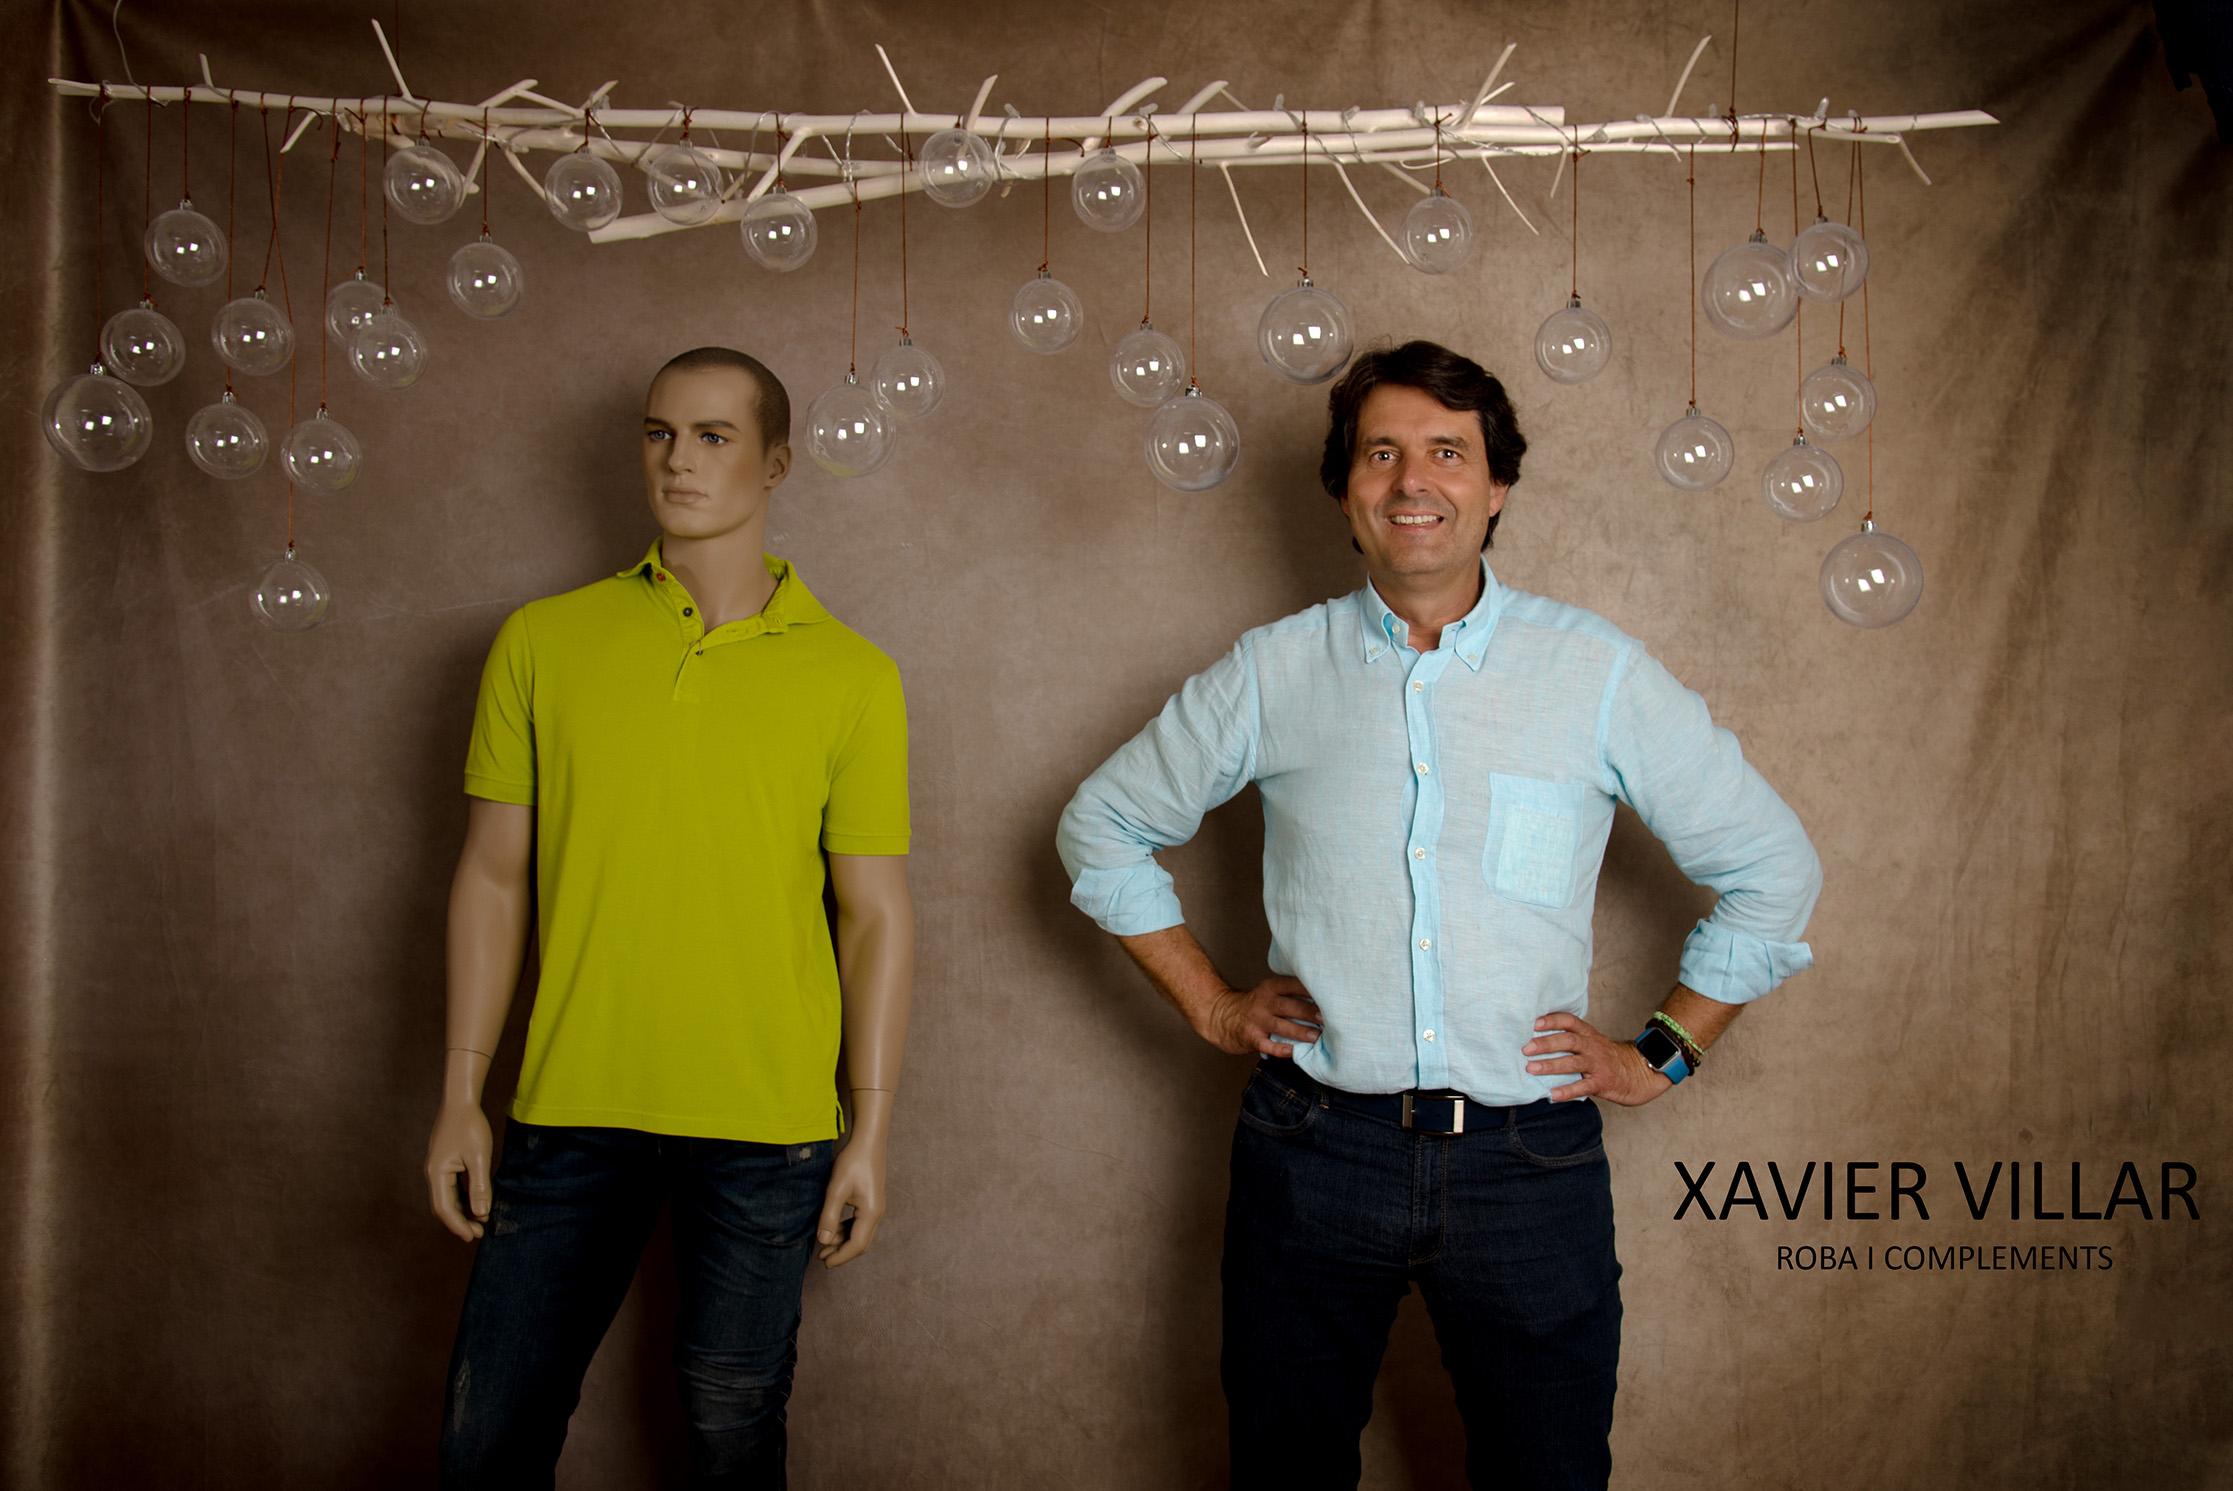 Xavier Villar: Roba i ccomplements